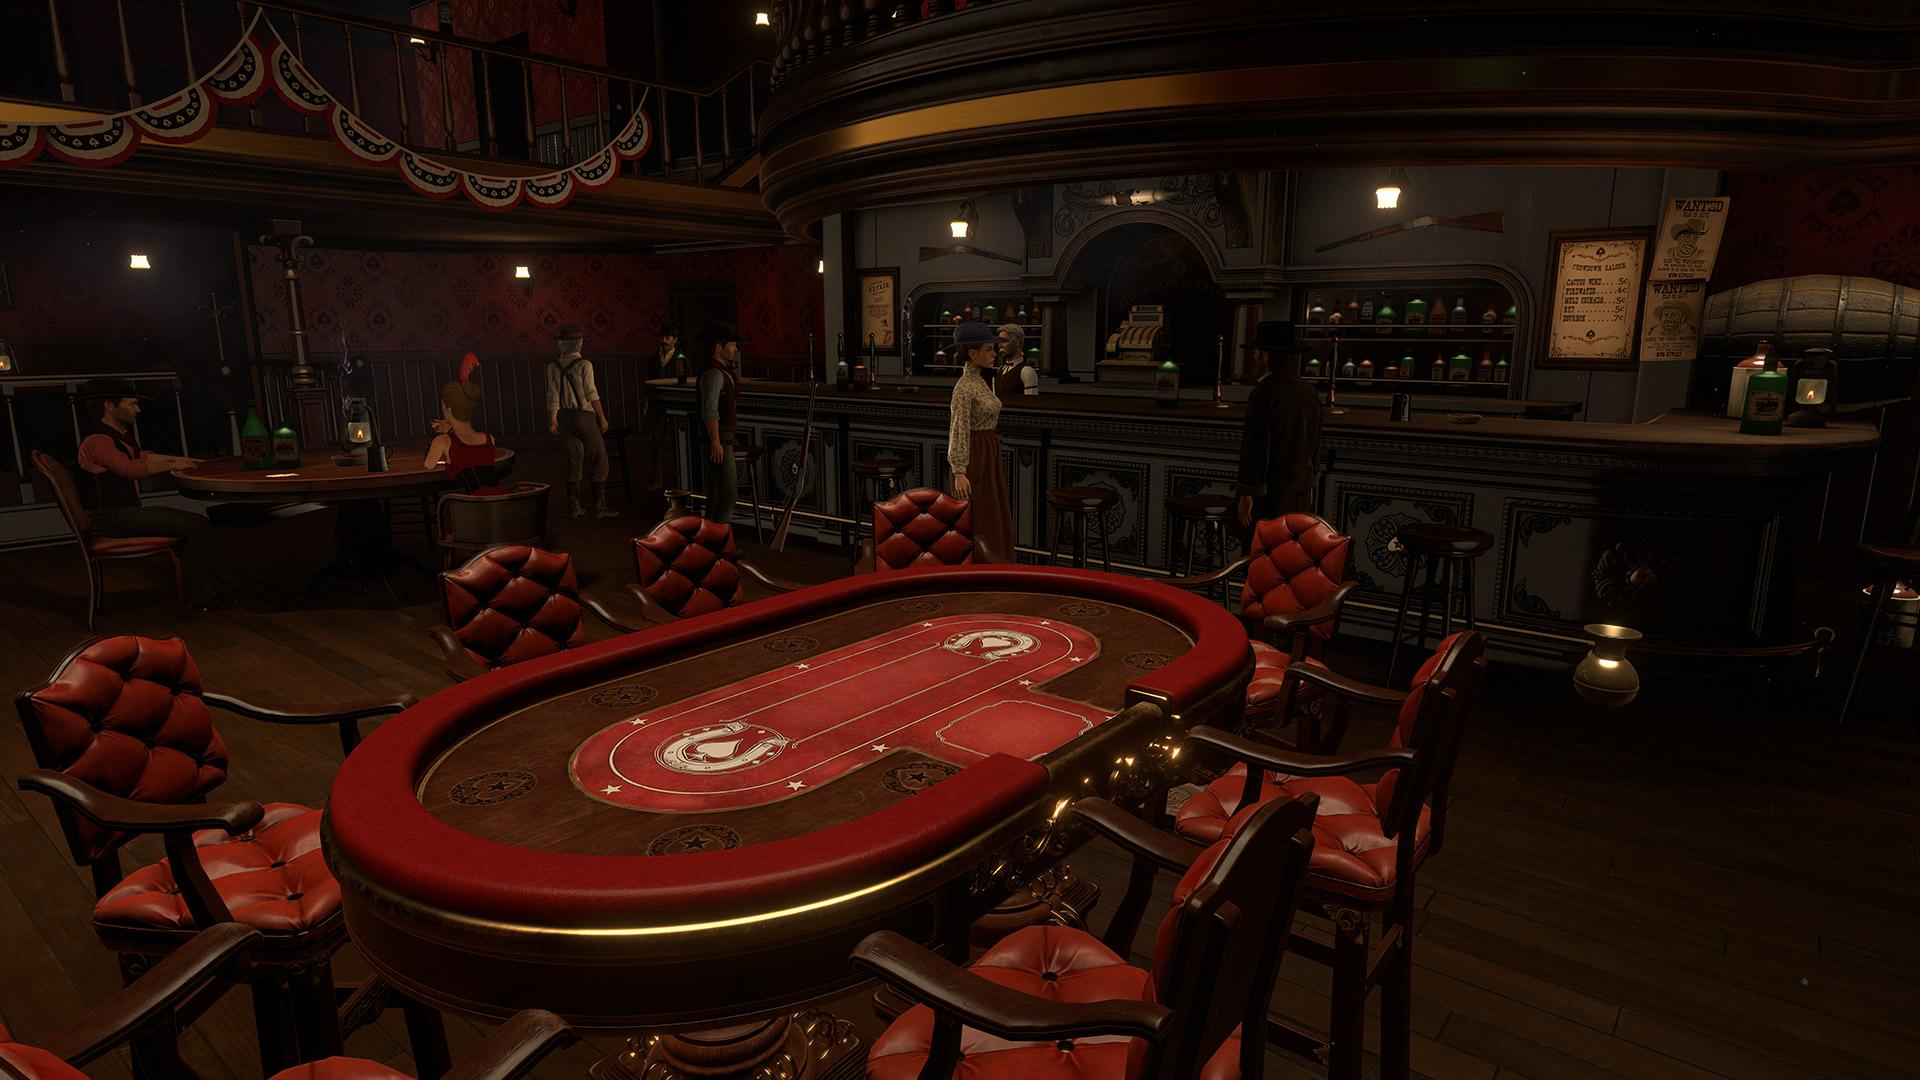 pokerstars vr game wallpaper 73545